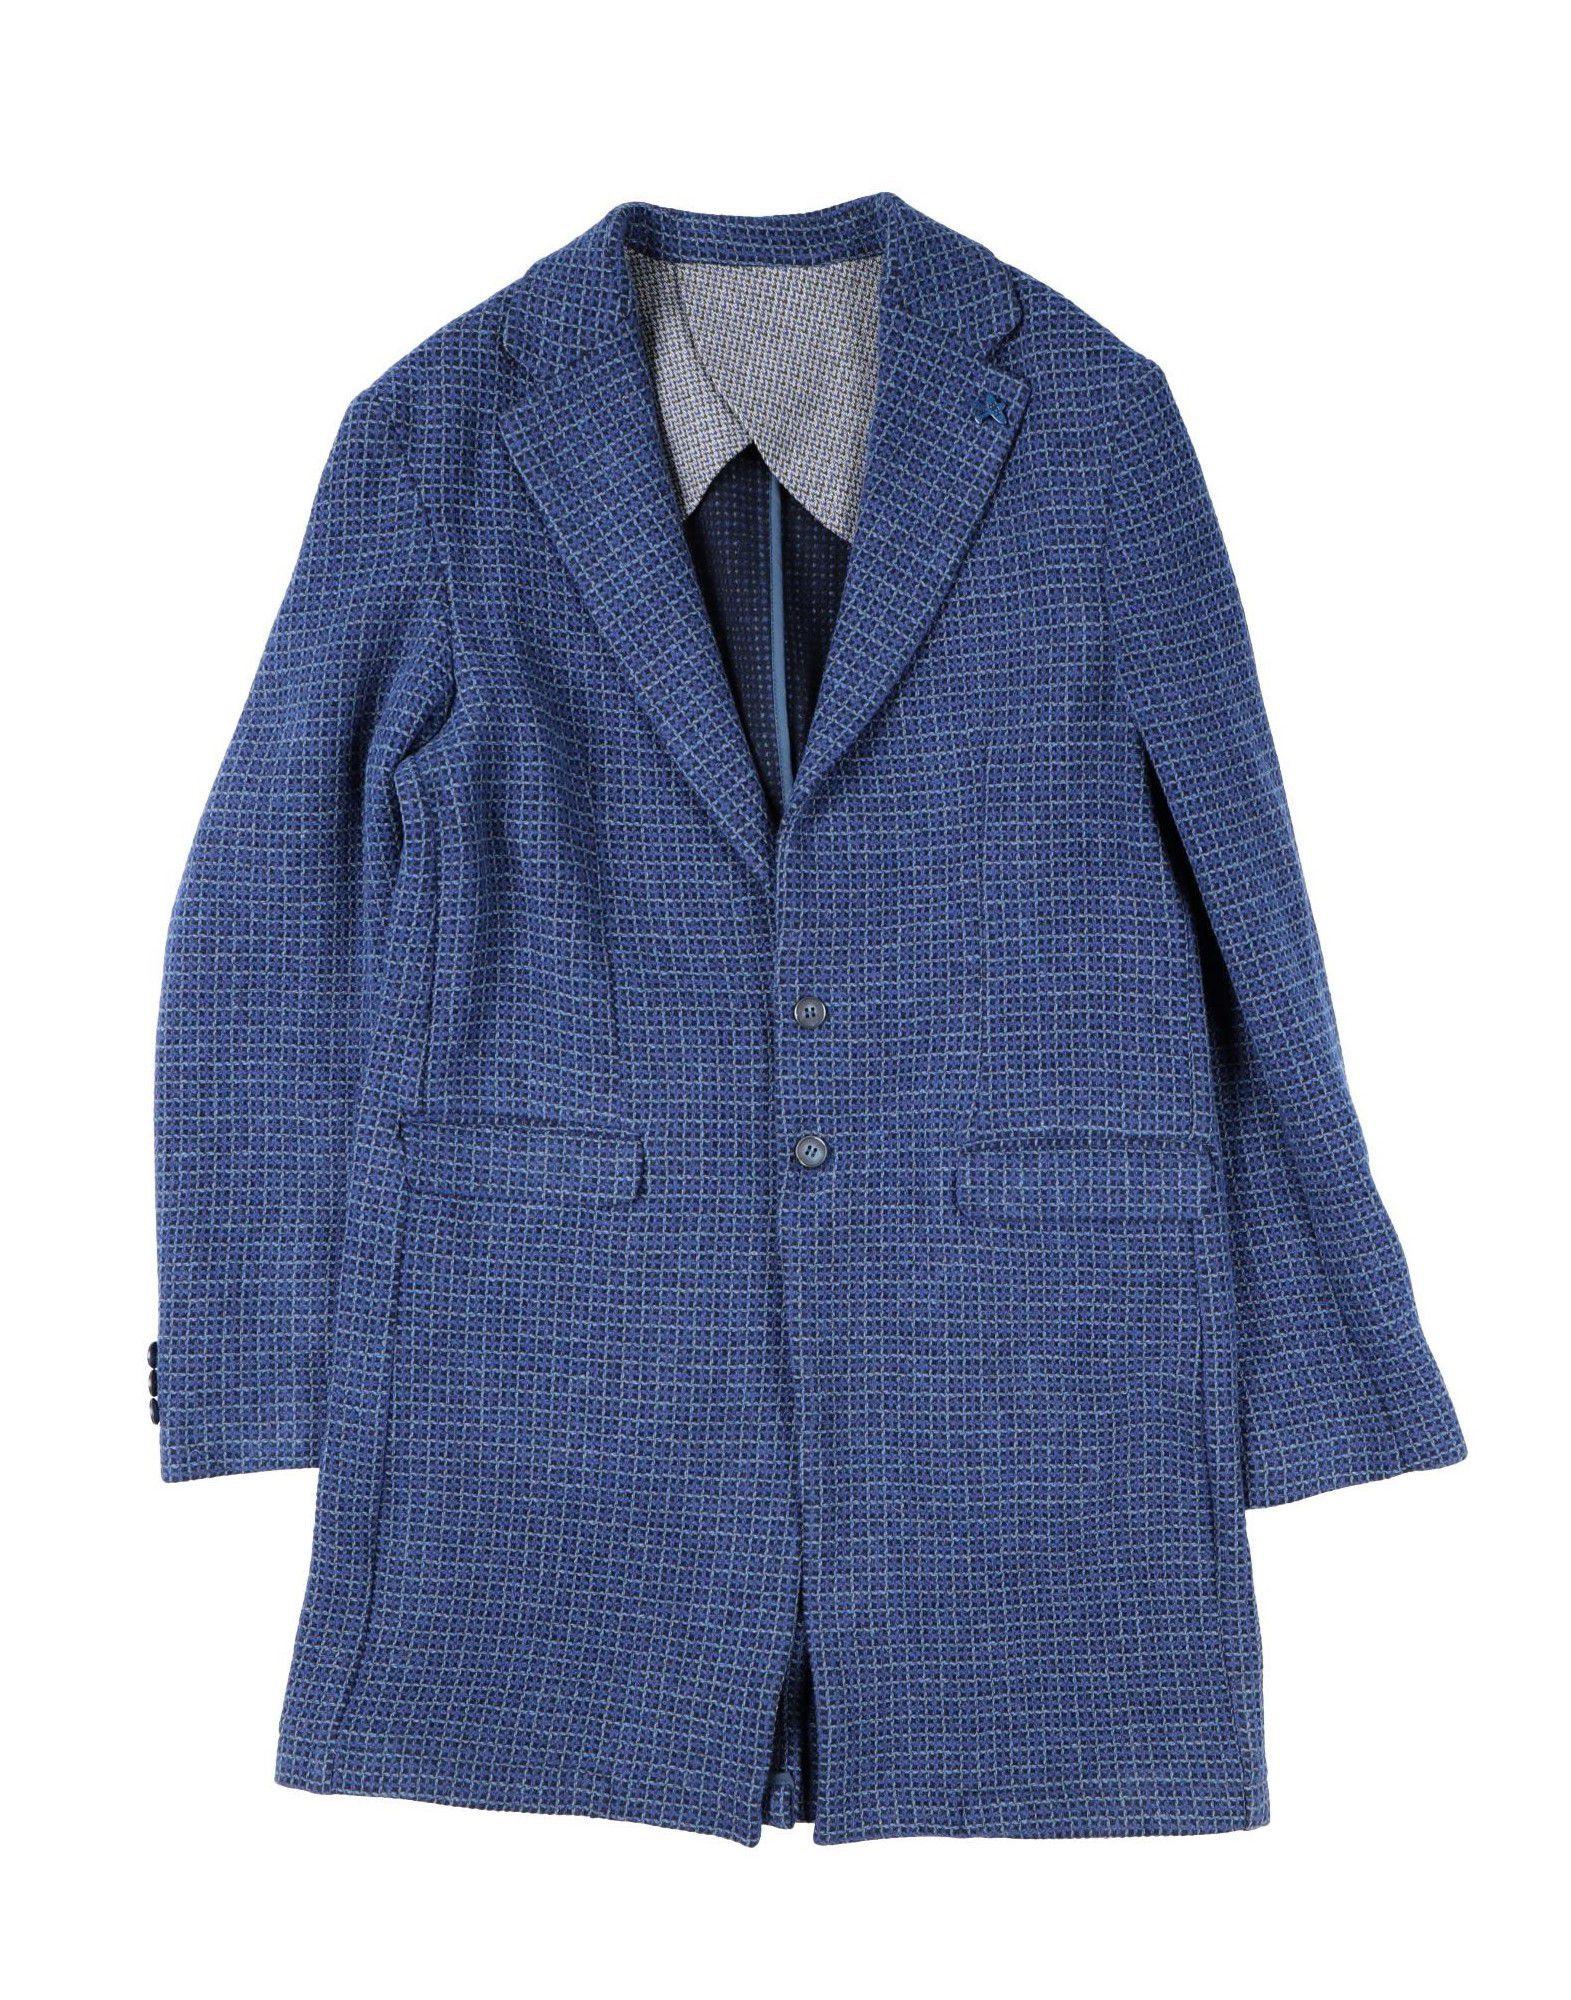 SP1 ボーイズ コート ブルー - ダークブルー